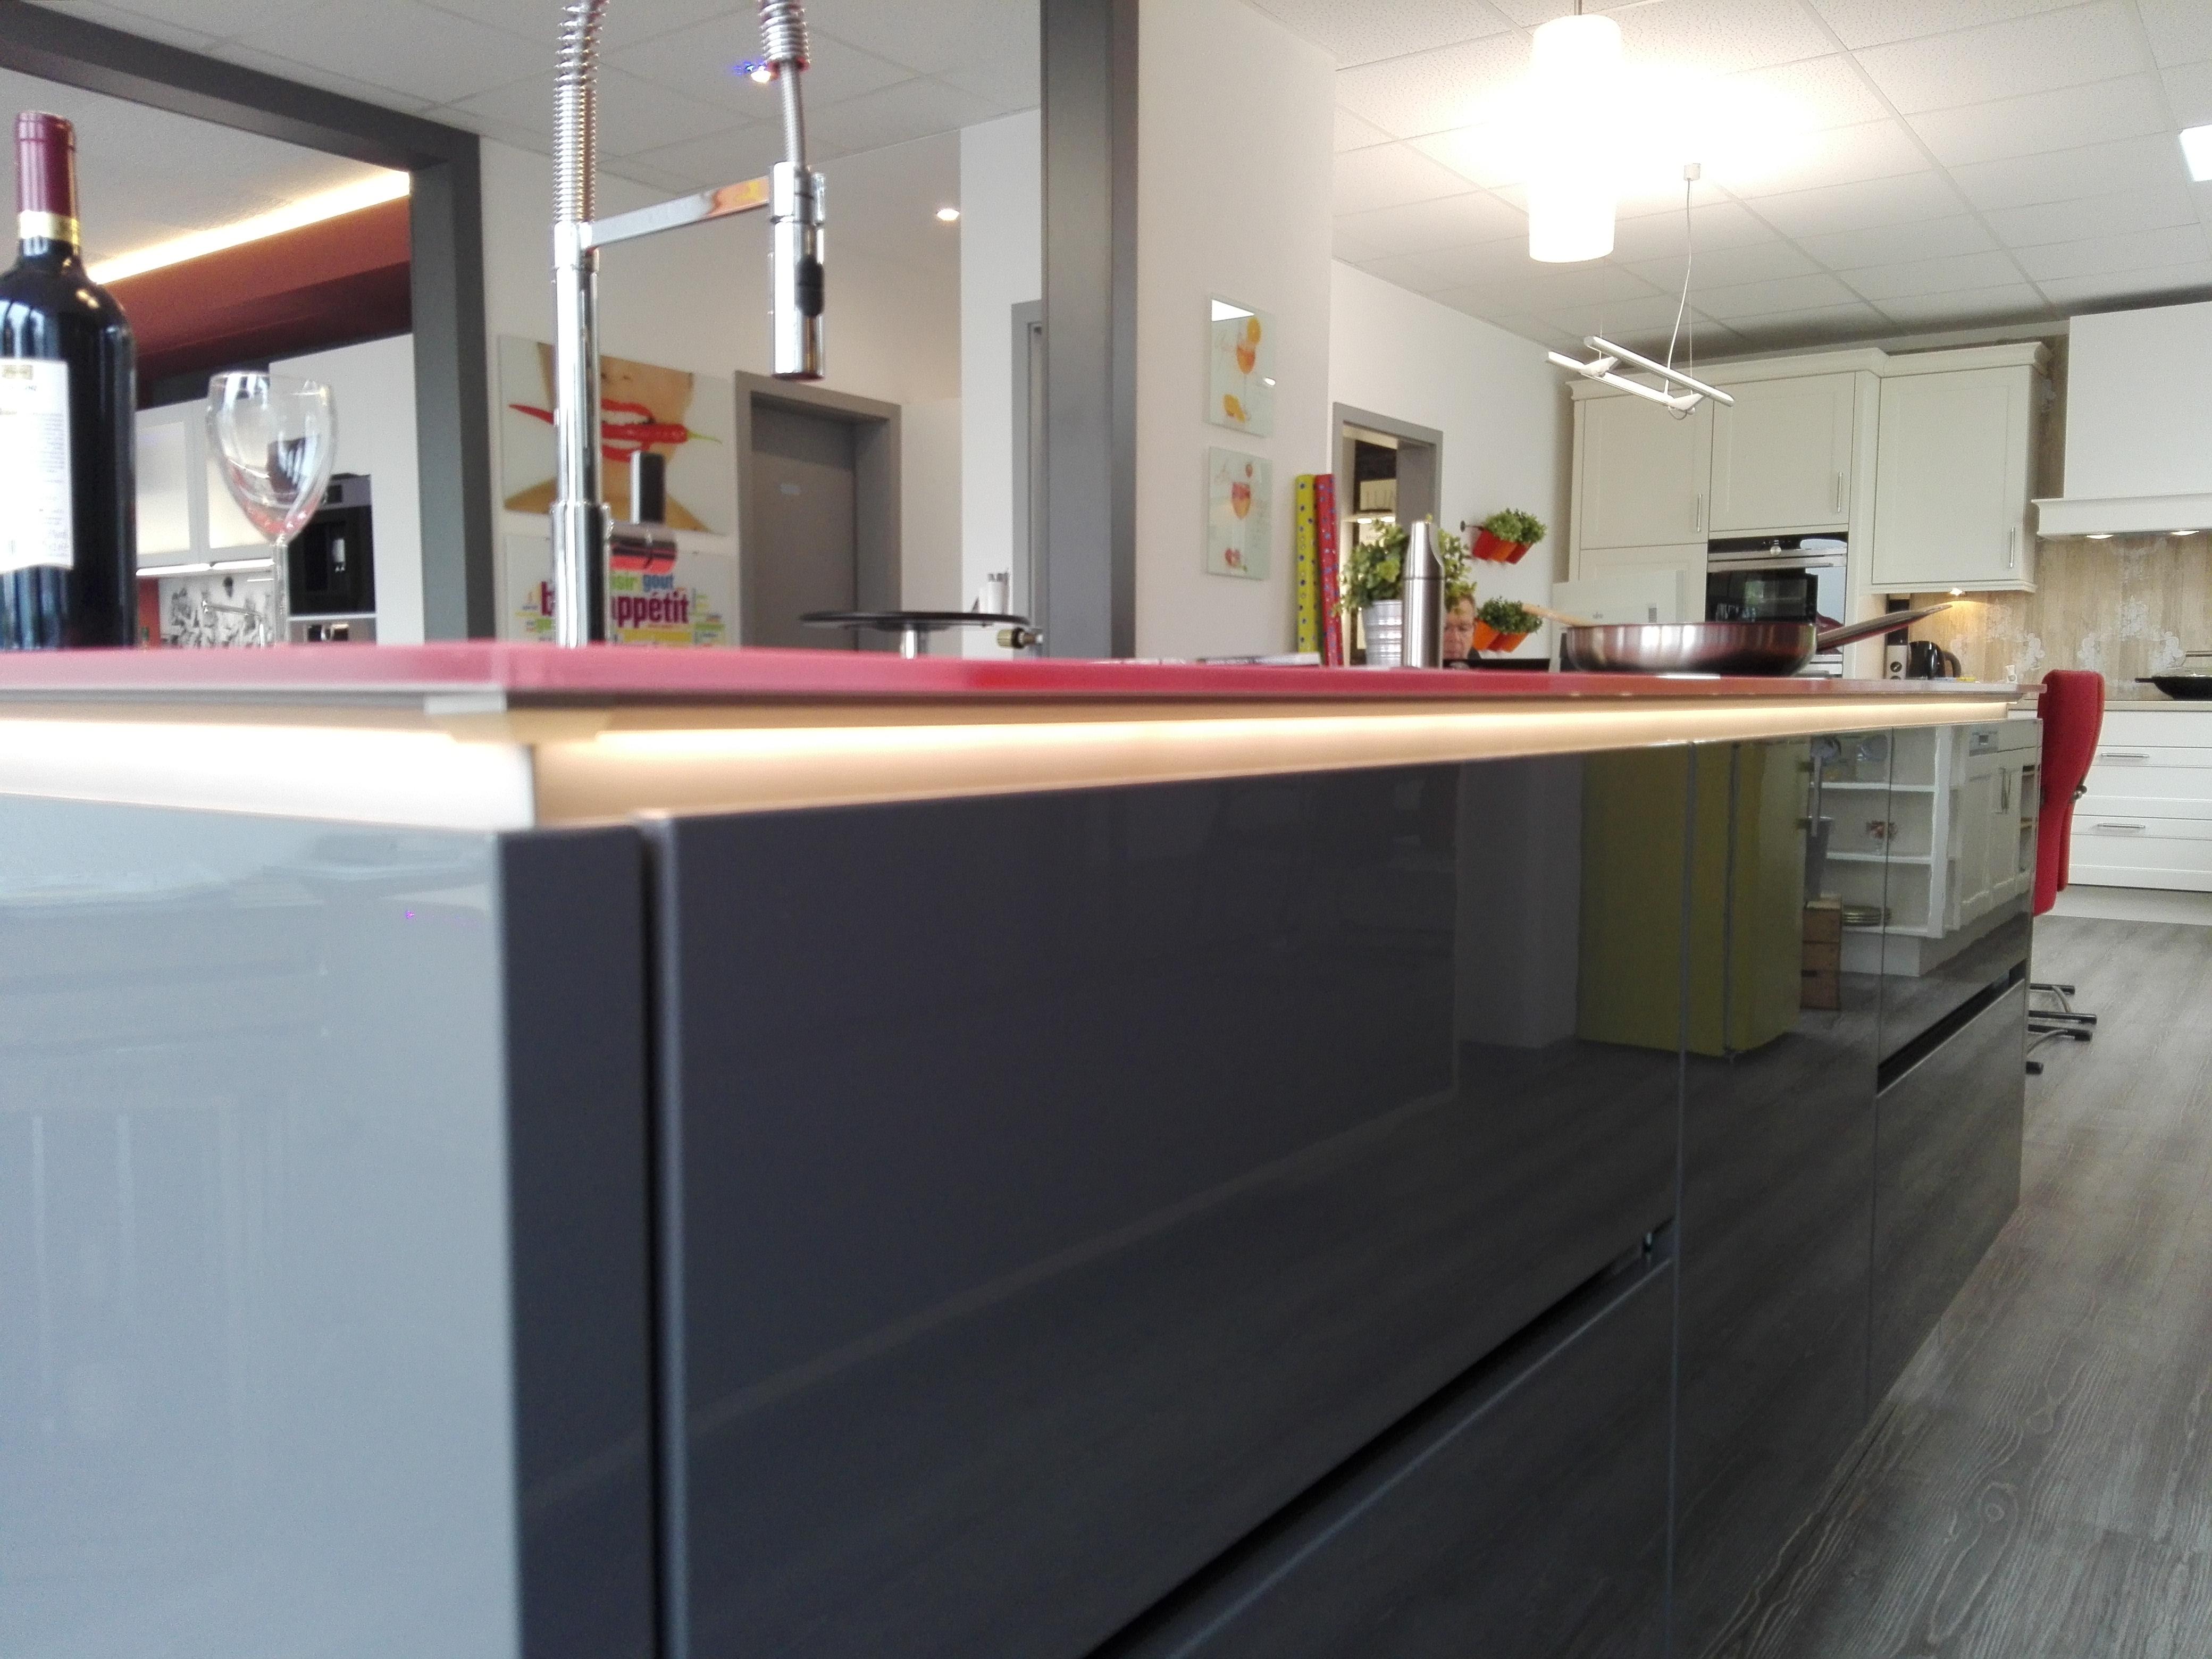 Küche 6 - LED-Lichtband unter der hochwertigen Glasarbeitsplatte (RAL 3017 Rosè)